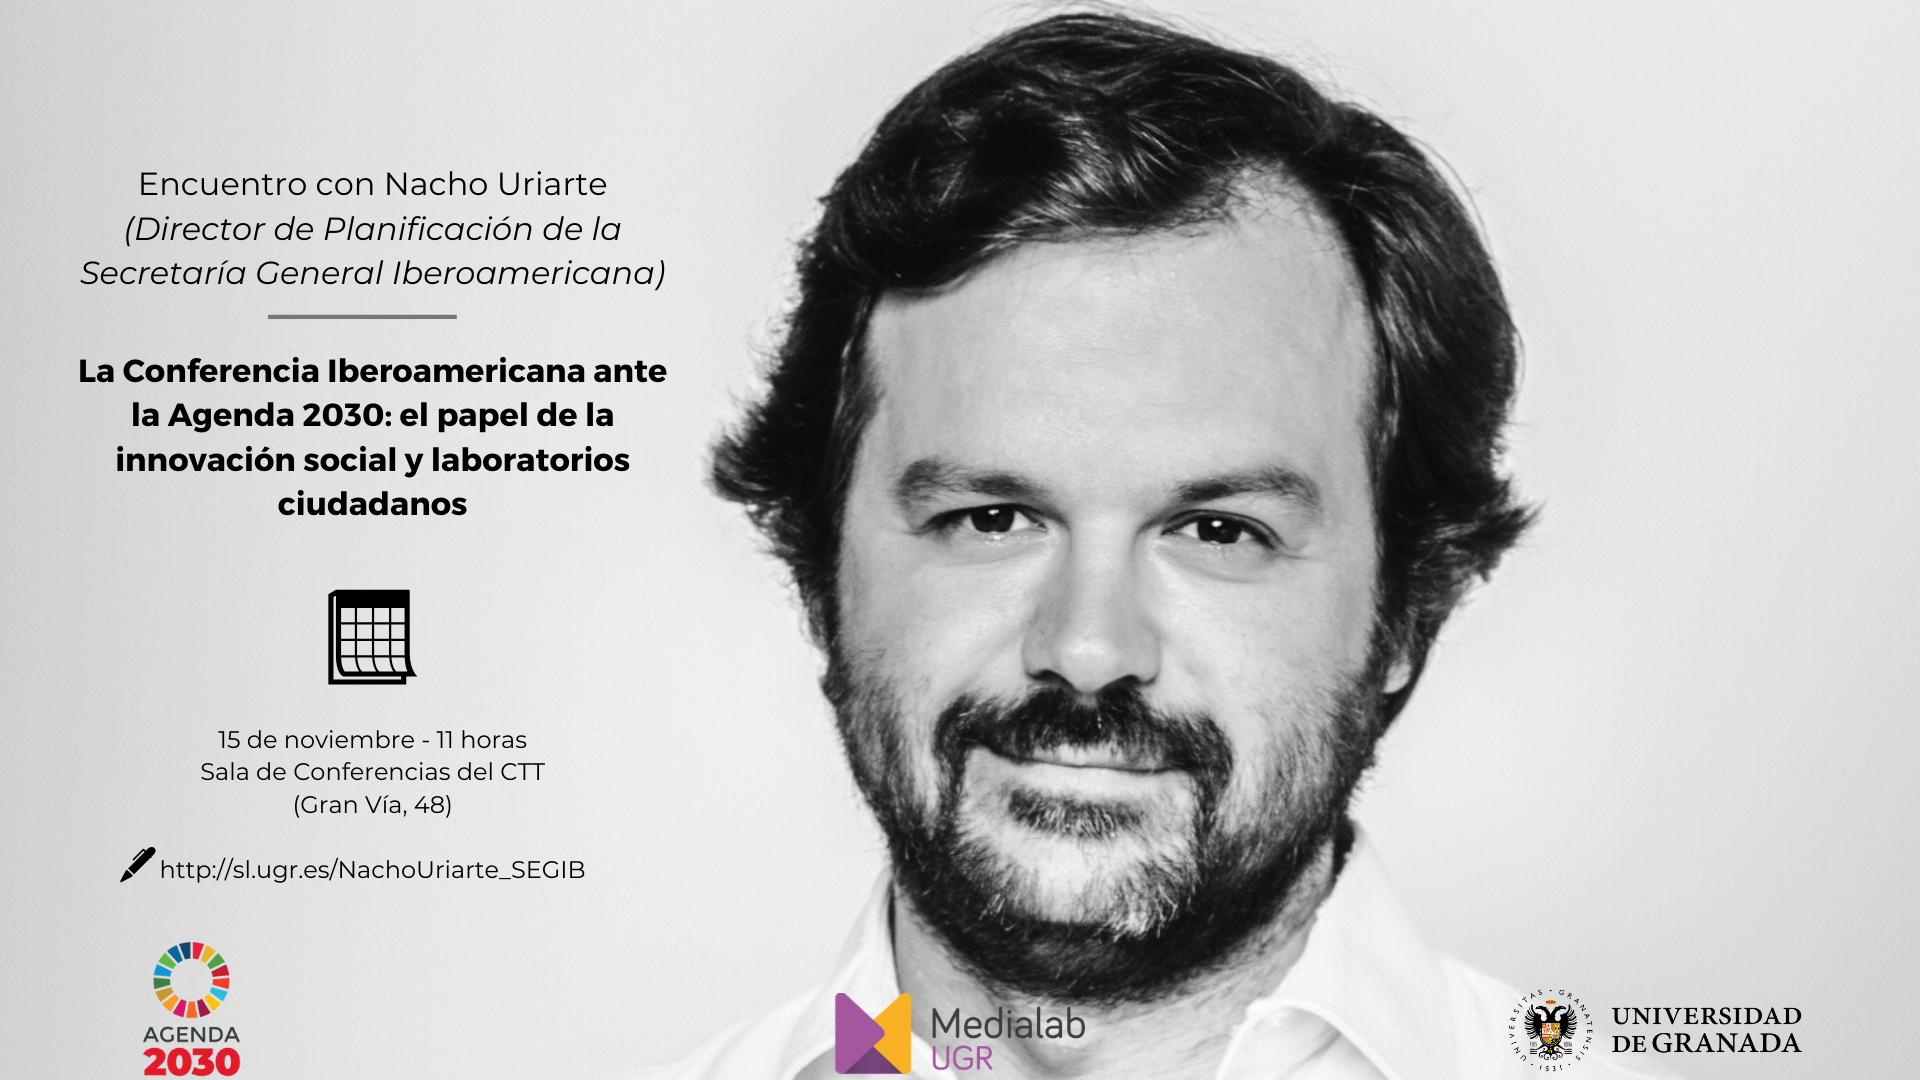 """Encuentro con Nacho Uriarte """"La Conferencia Iberoamericana ante la Agenda 2030: el papel de la innovación social y laboratorios ciudadanos"""""""